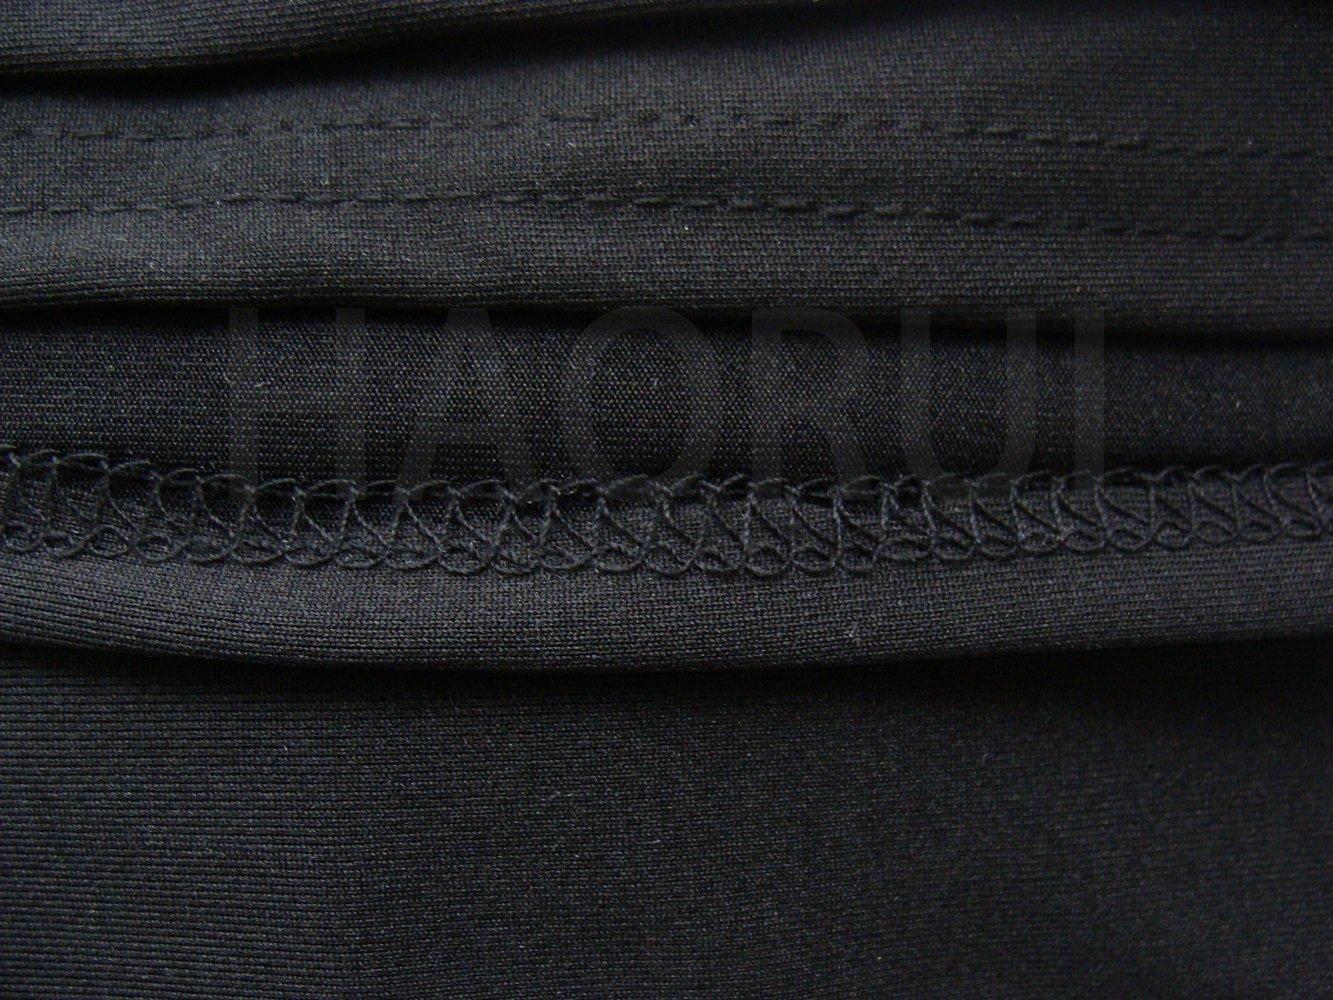 Haorui Rectangular Spandex Table Cover (6 ft. Black) by Haorui (Image #5)